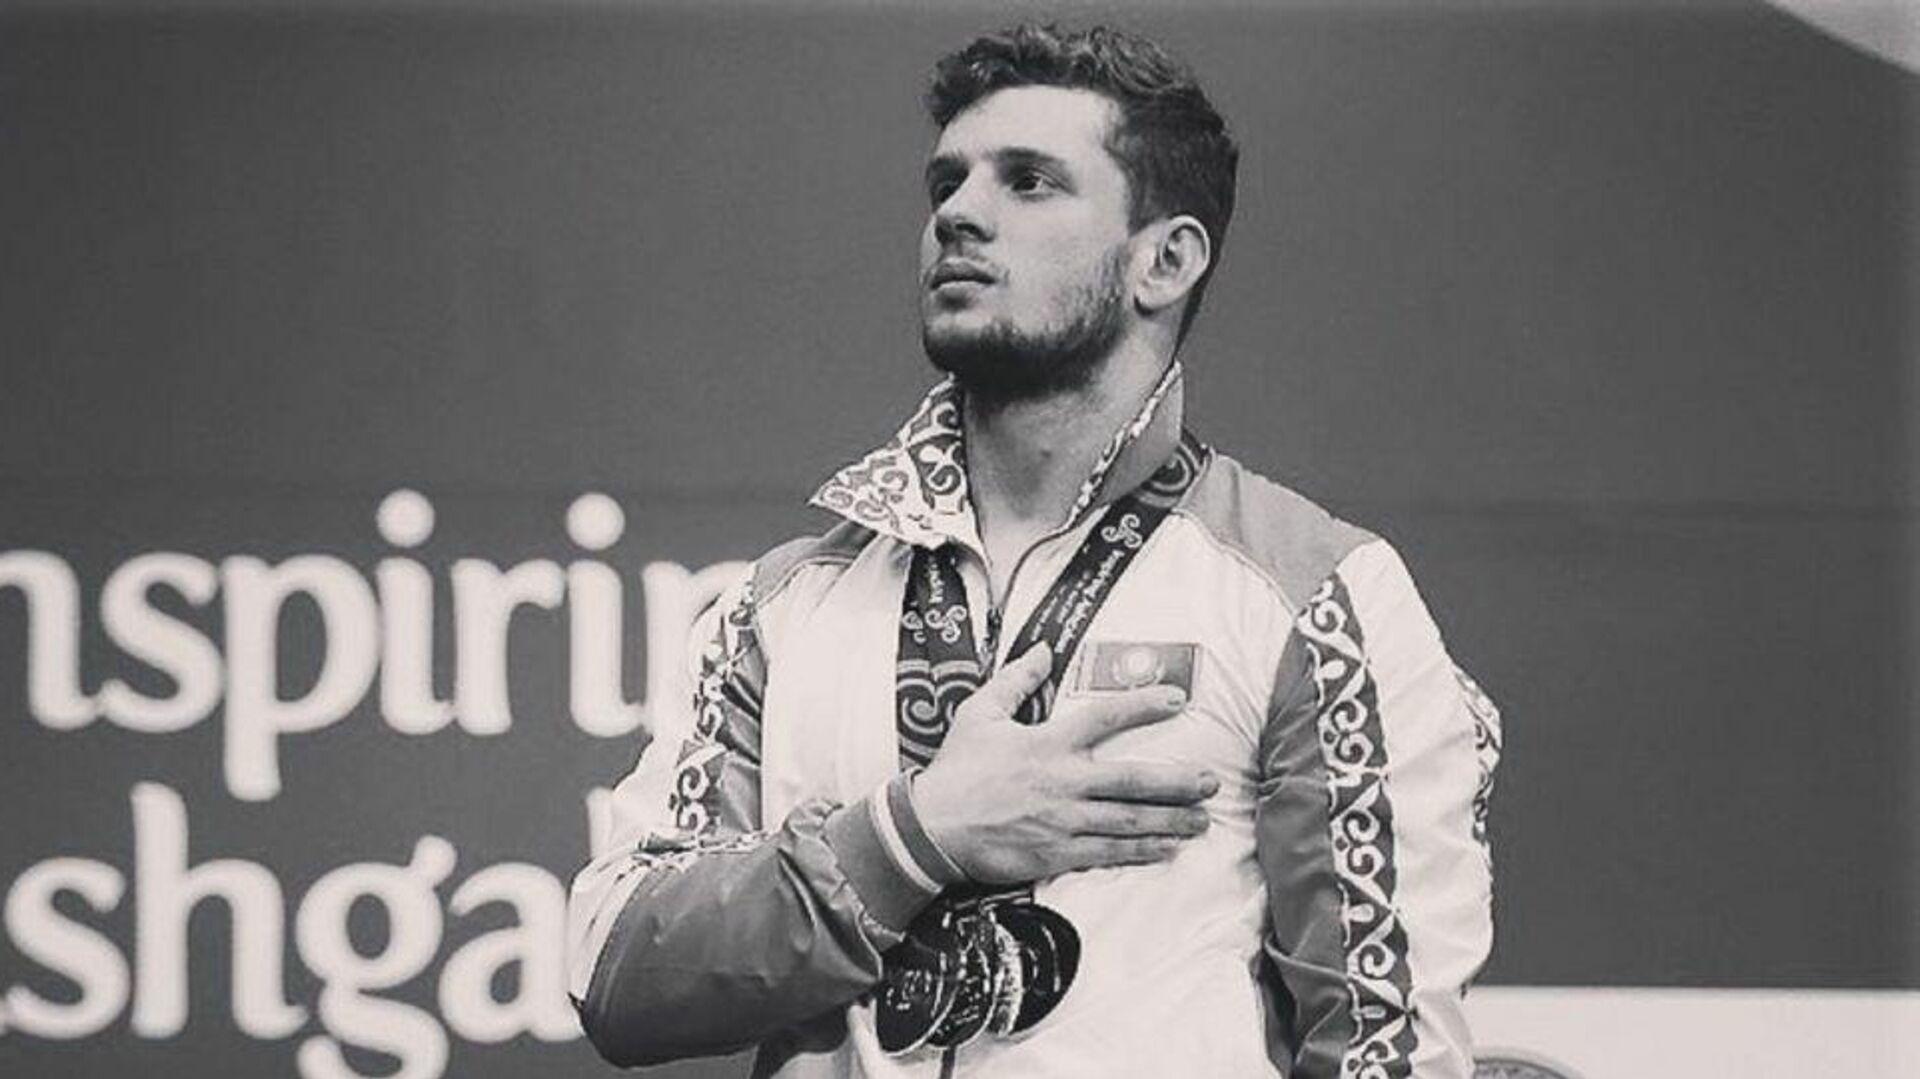 Тяжелоатлет, многократный чемпион Казахстана Альберт Линдер - Sputnik Армения, 1920, 17.09.2021